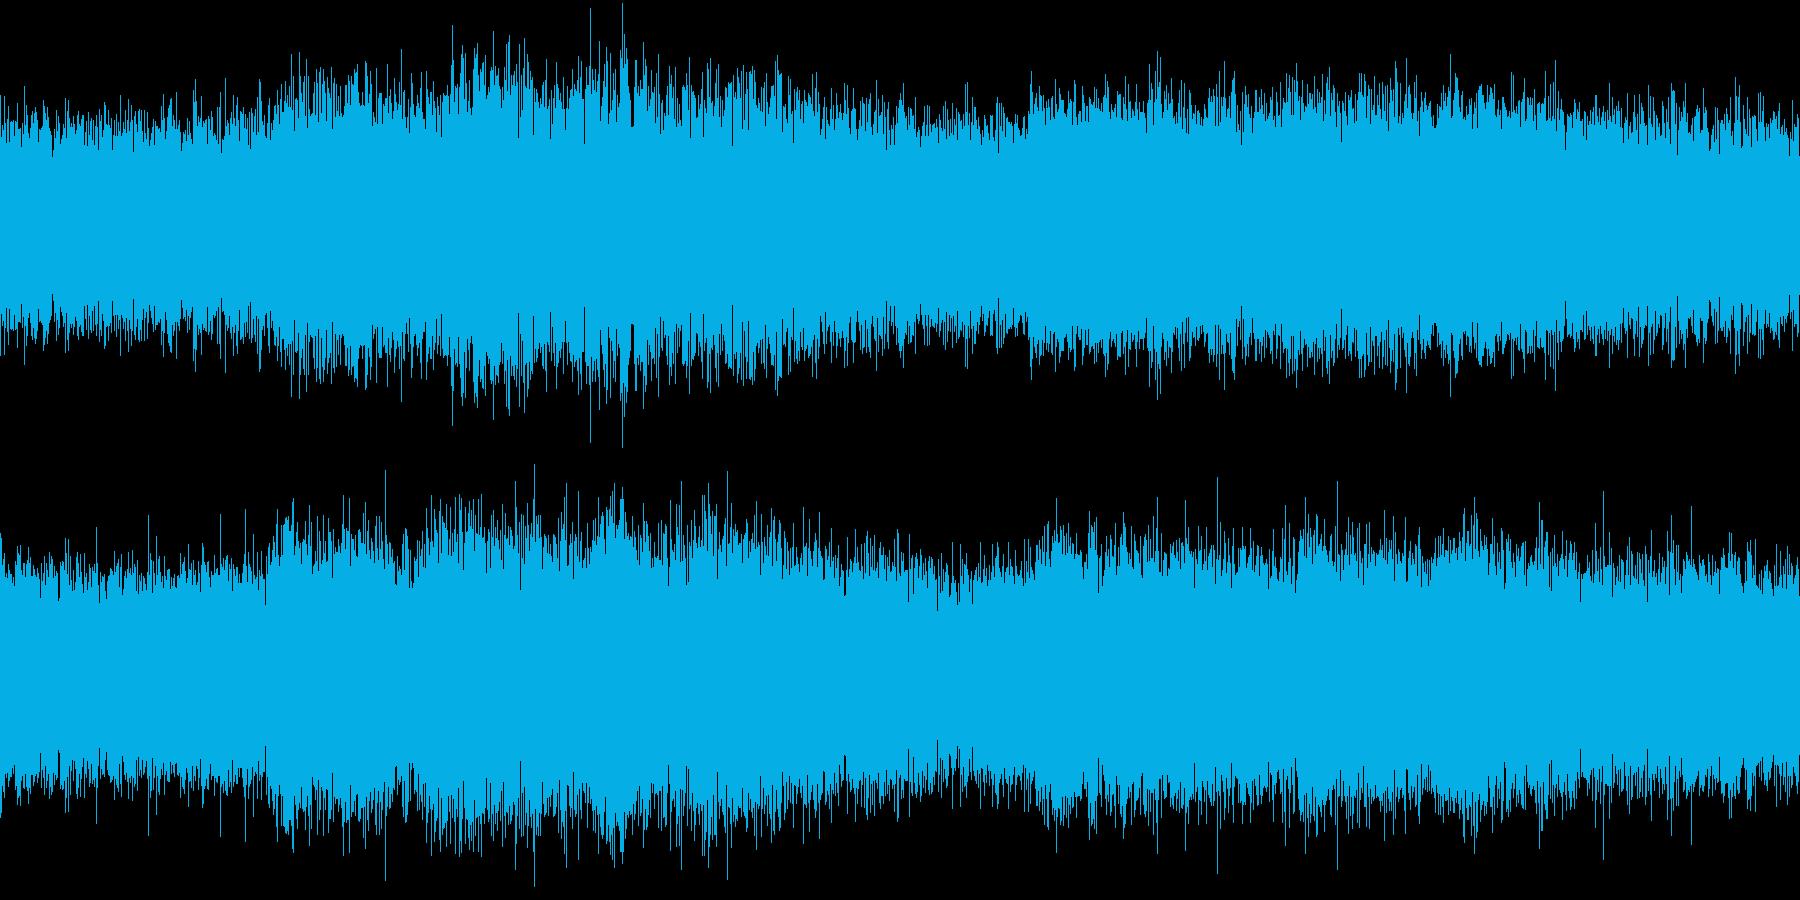 狂気の世界を目の当たりにした系のBGMの再生済みの波形